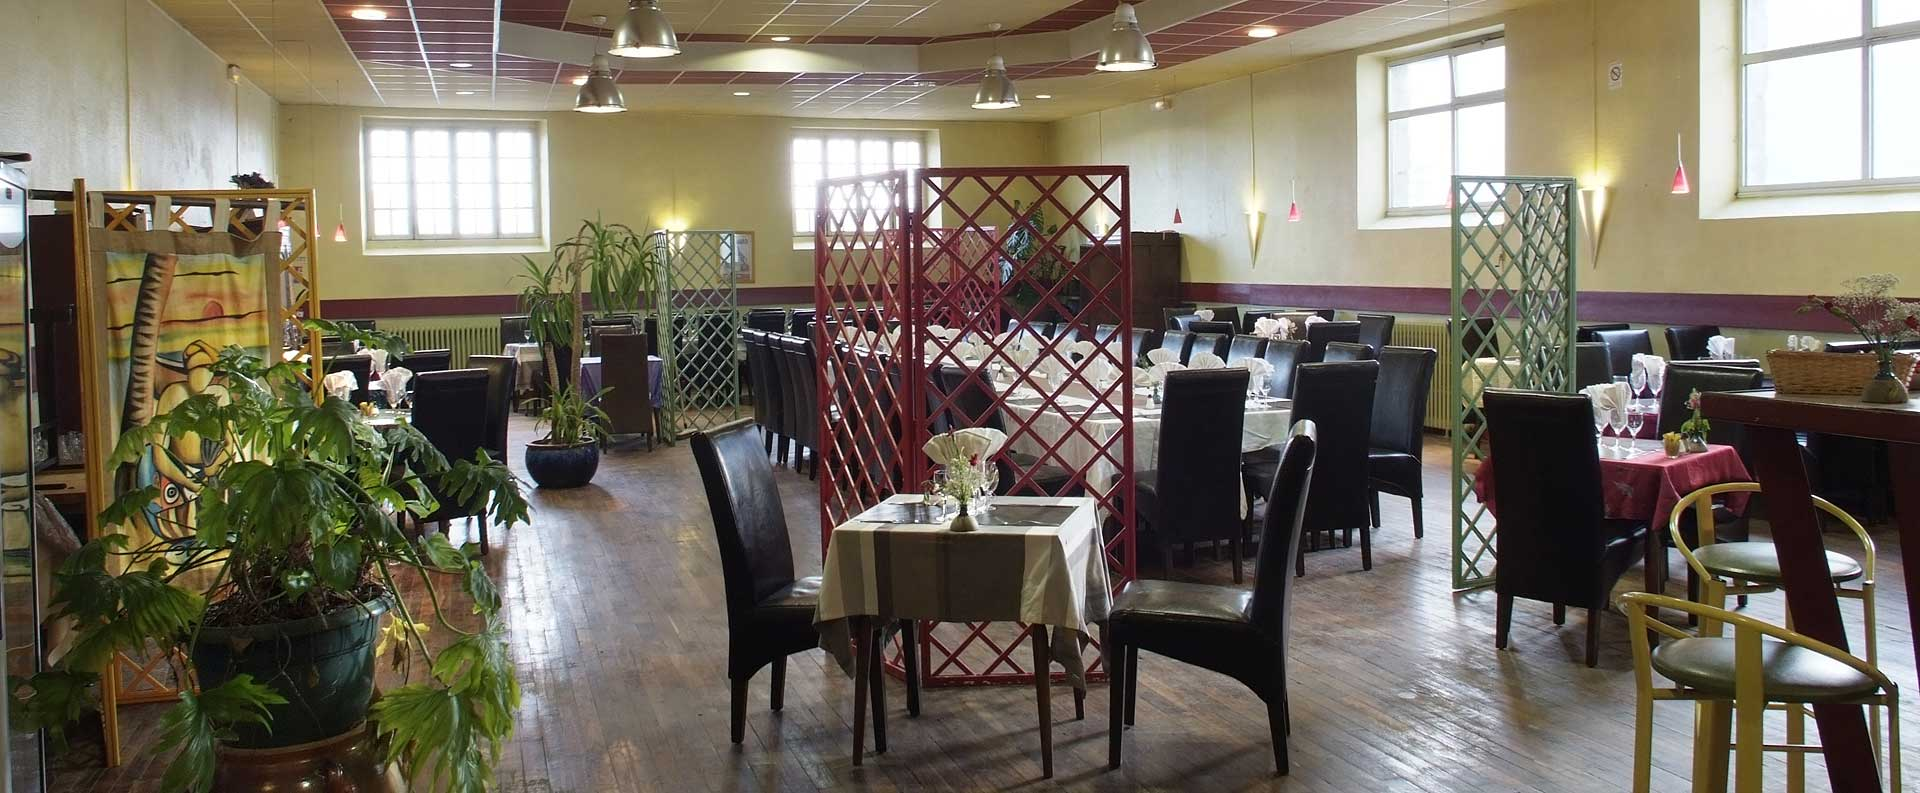 Notre grande salle de restaurant